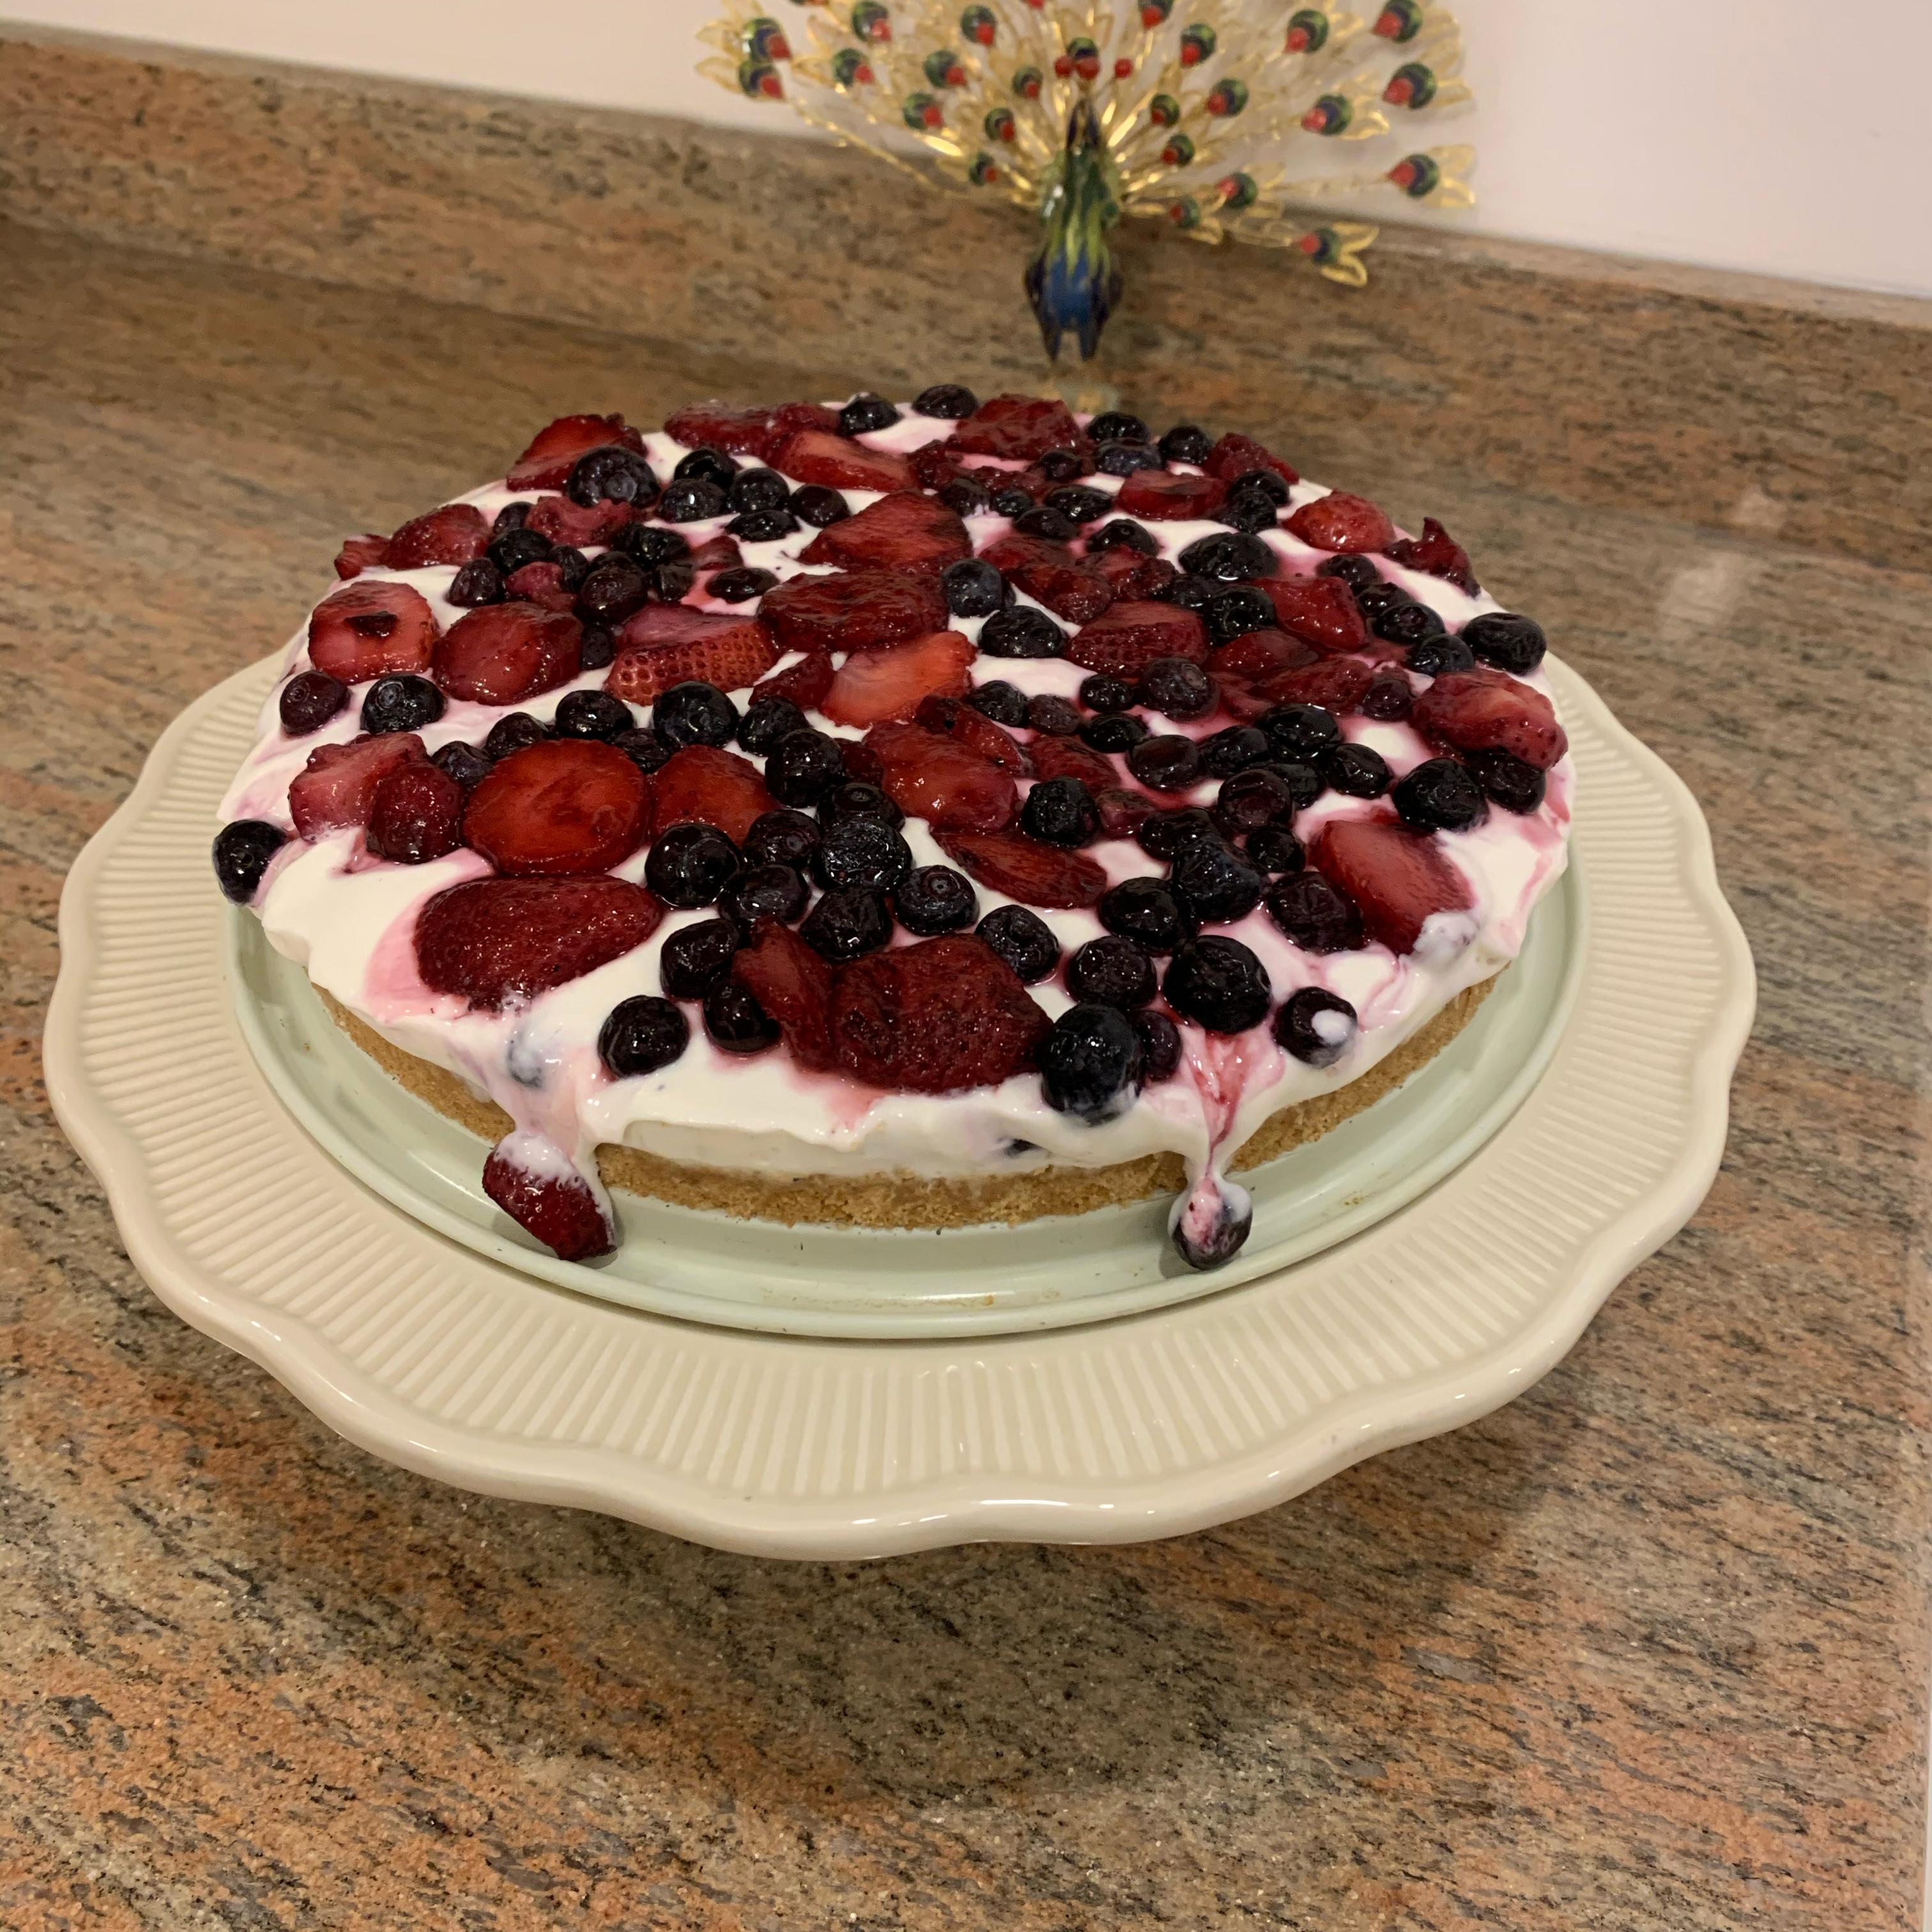 Berry Bliss Cheesecake Lana